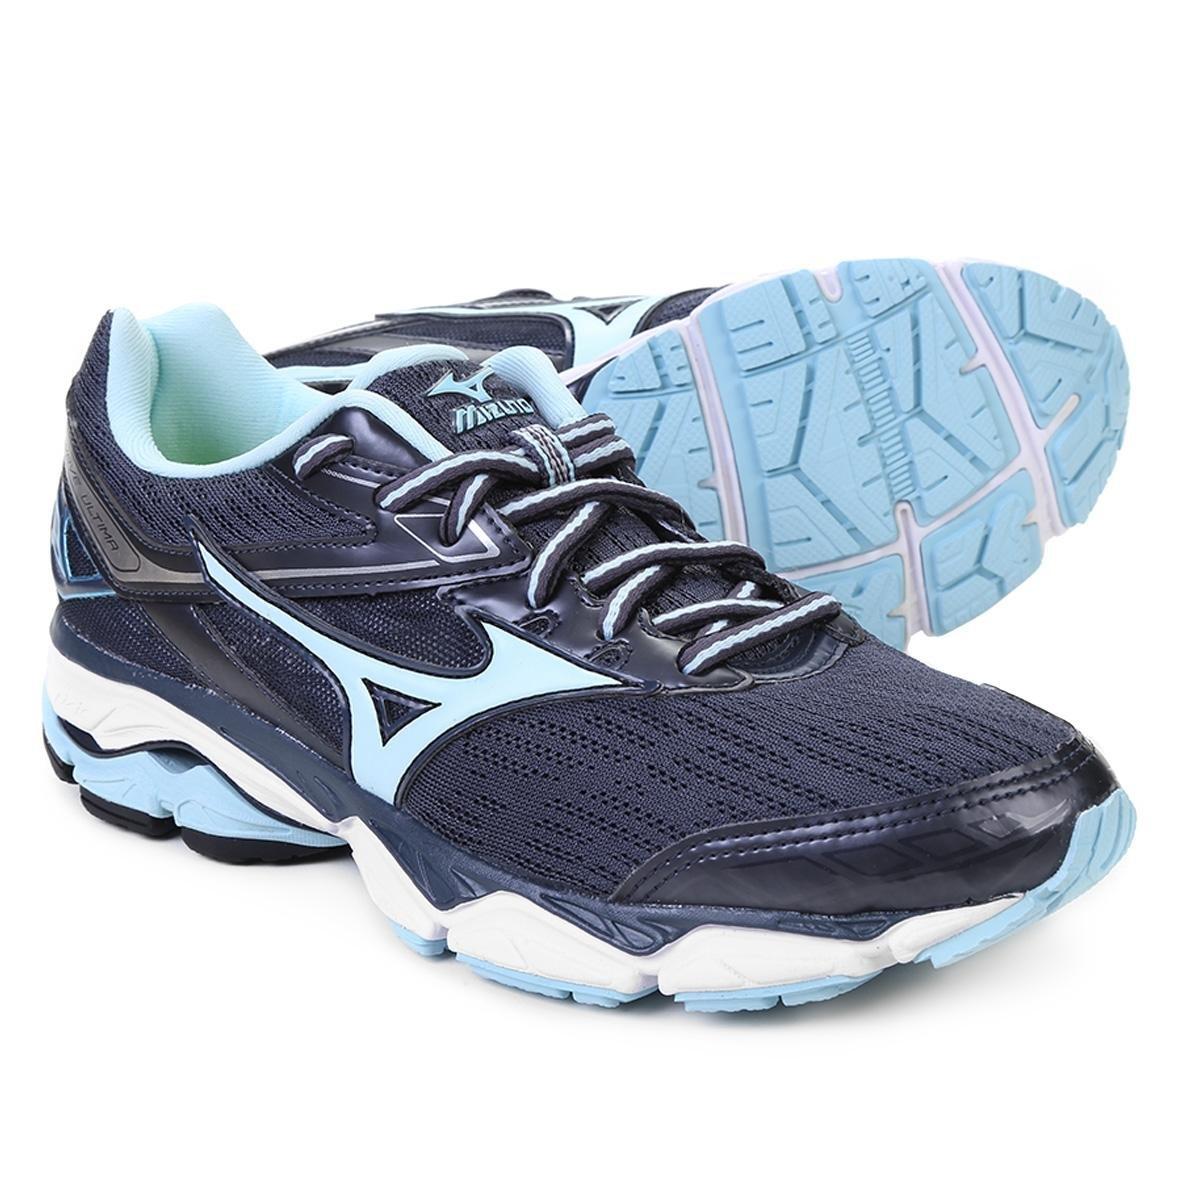 mizuno mens running shoes size 11 youtube tall lyrics xtc